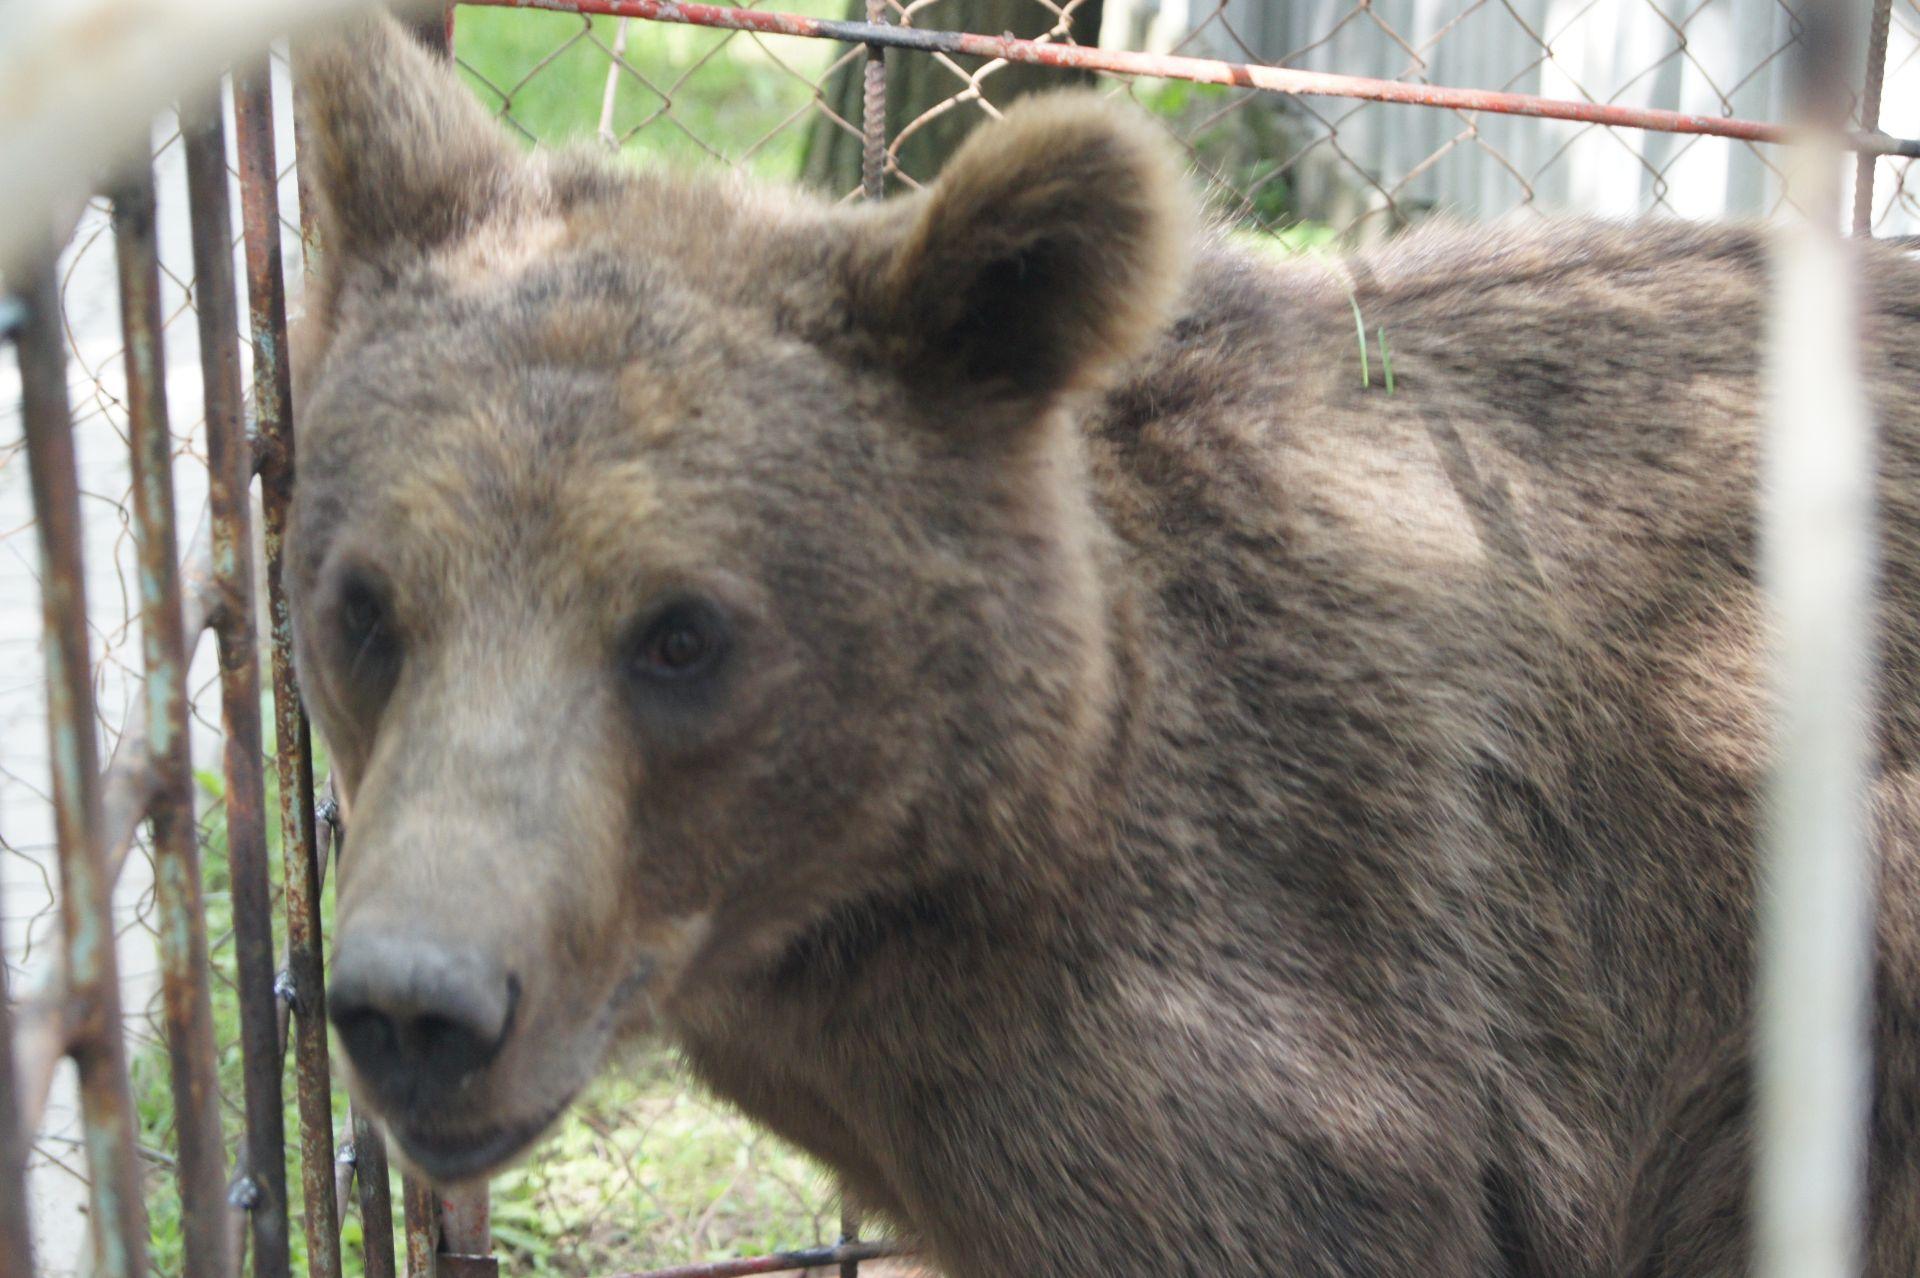 Полным ходом идет строительство нового современного вольера для содержания взрослых медведей в  белокалитвинском парке  им. Маяковского